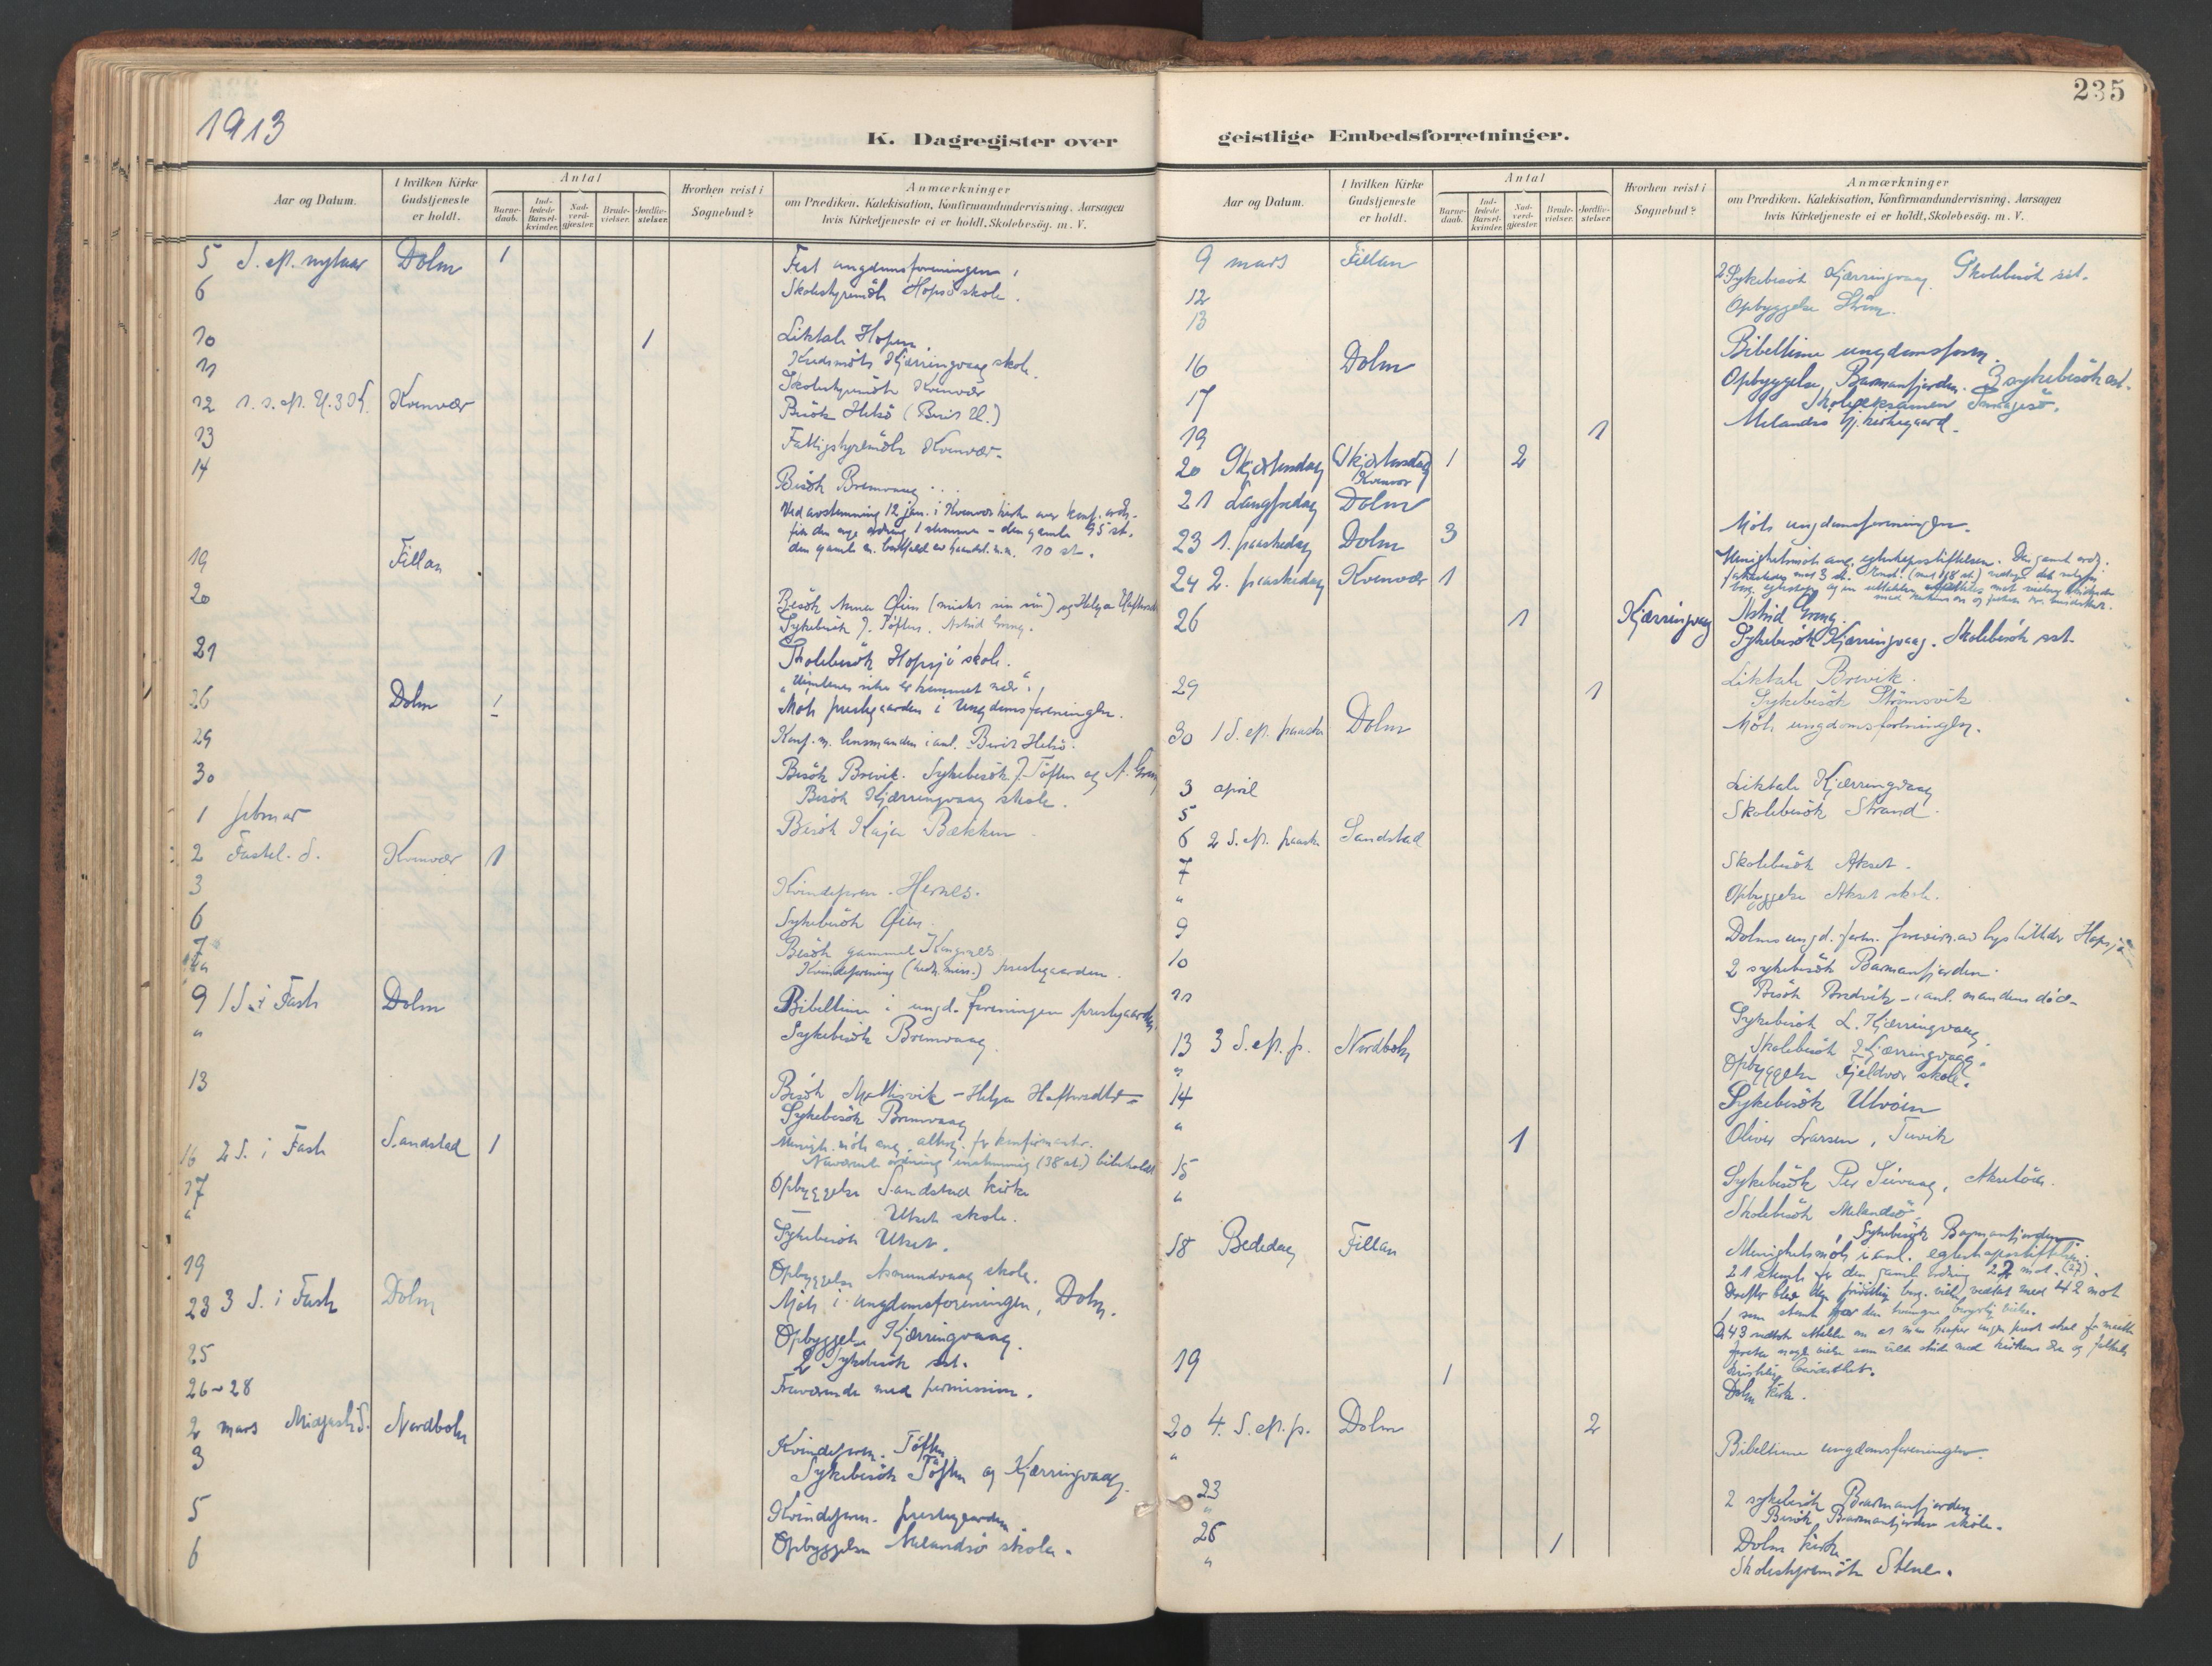 SAT, Ministerialprotokoller, klokkerbøker og fødselsregistre - Sør-Trøndelag, 634/L0537: Ministerialbok nr. 634A13, 1896-1922, s. 235